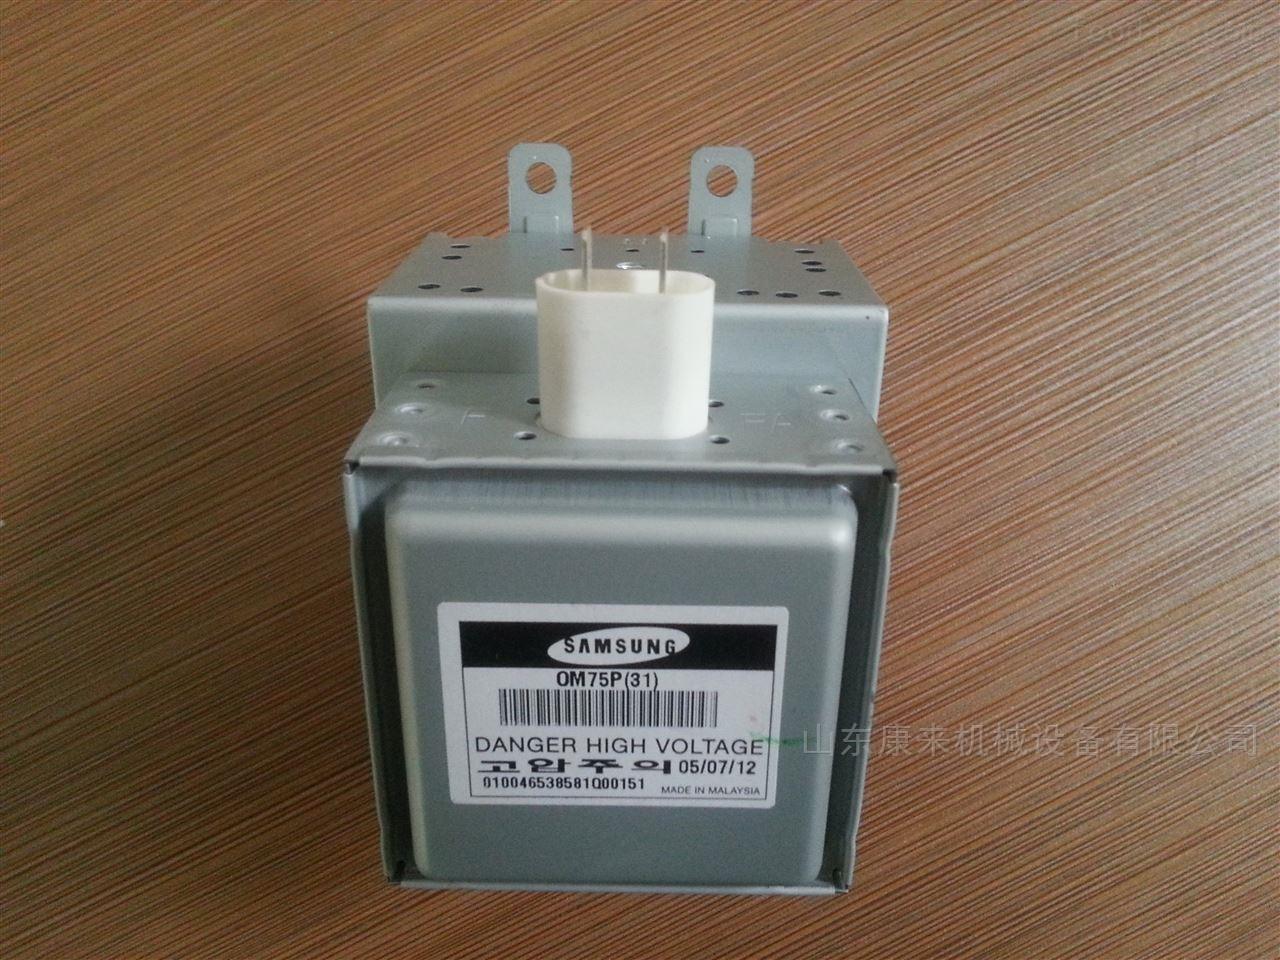 一套微波配件包括哪些配件,微波 配件磁控管